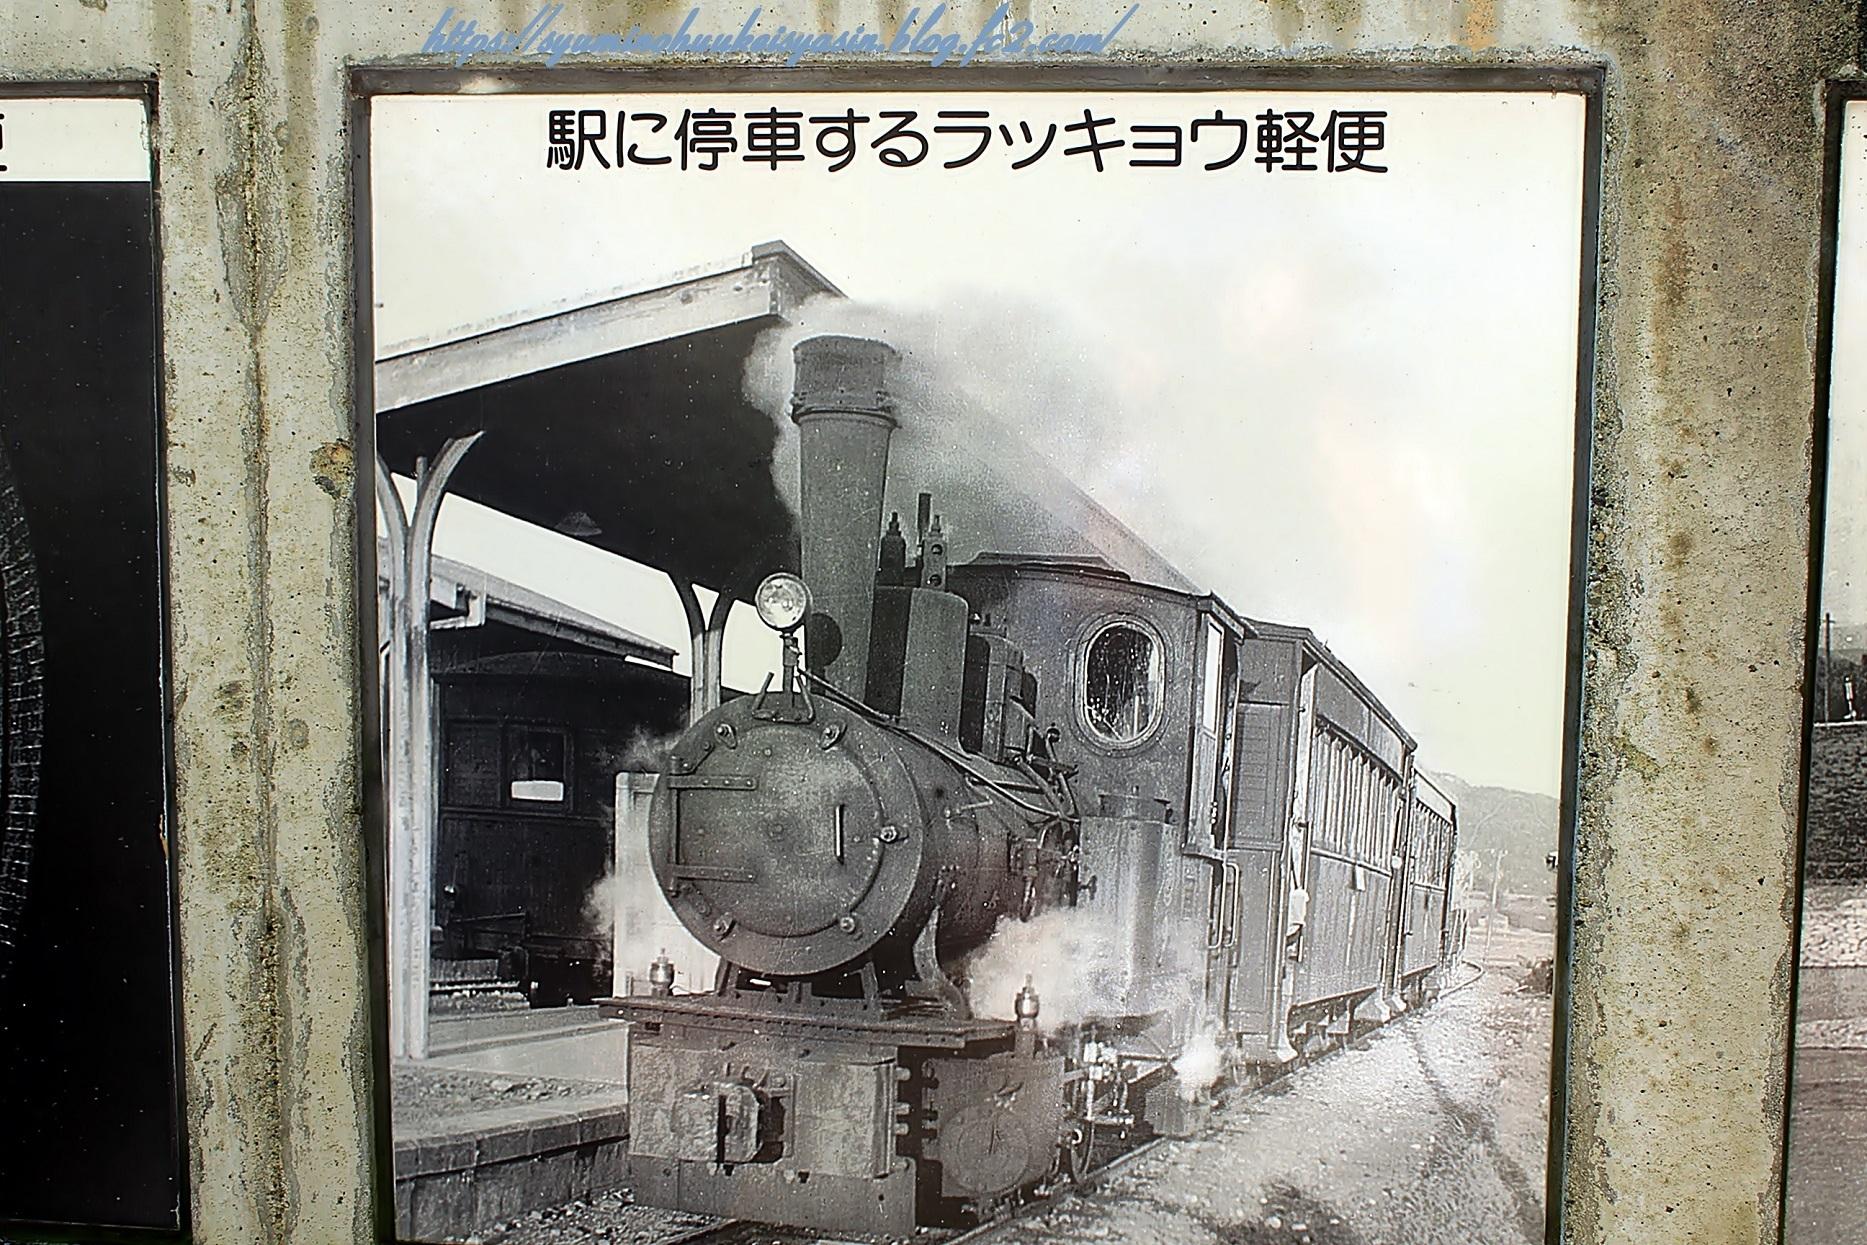 010_8674.jpg